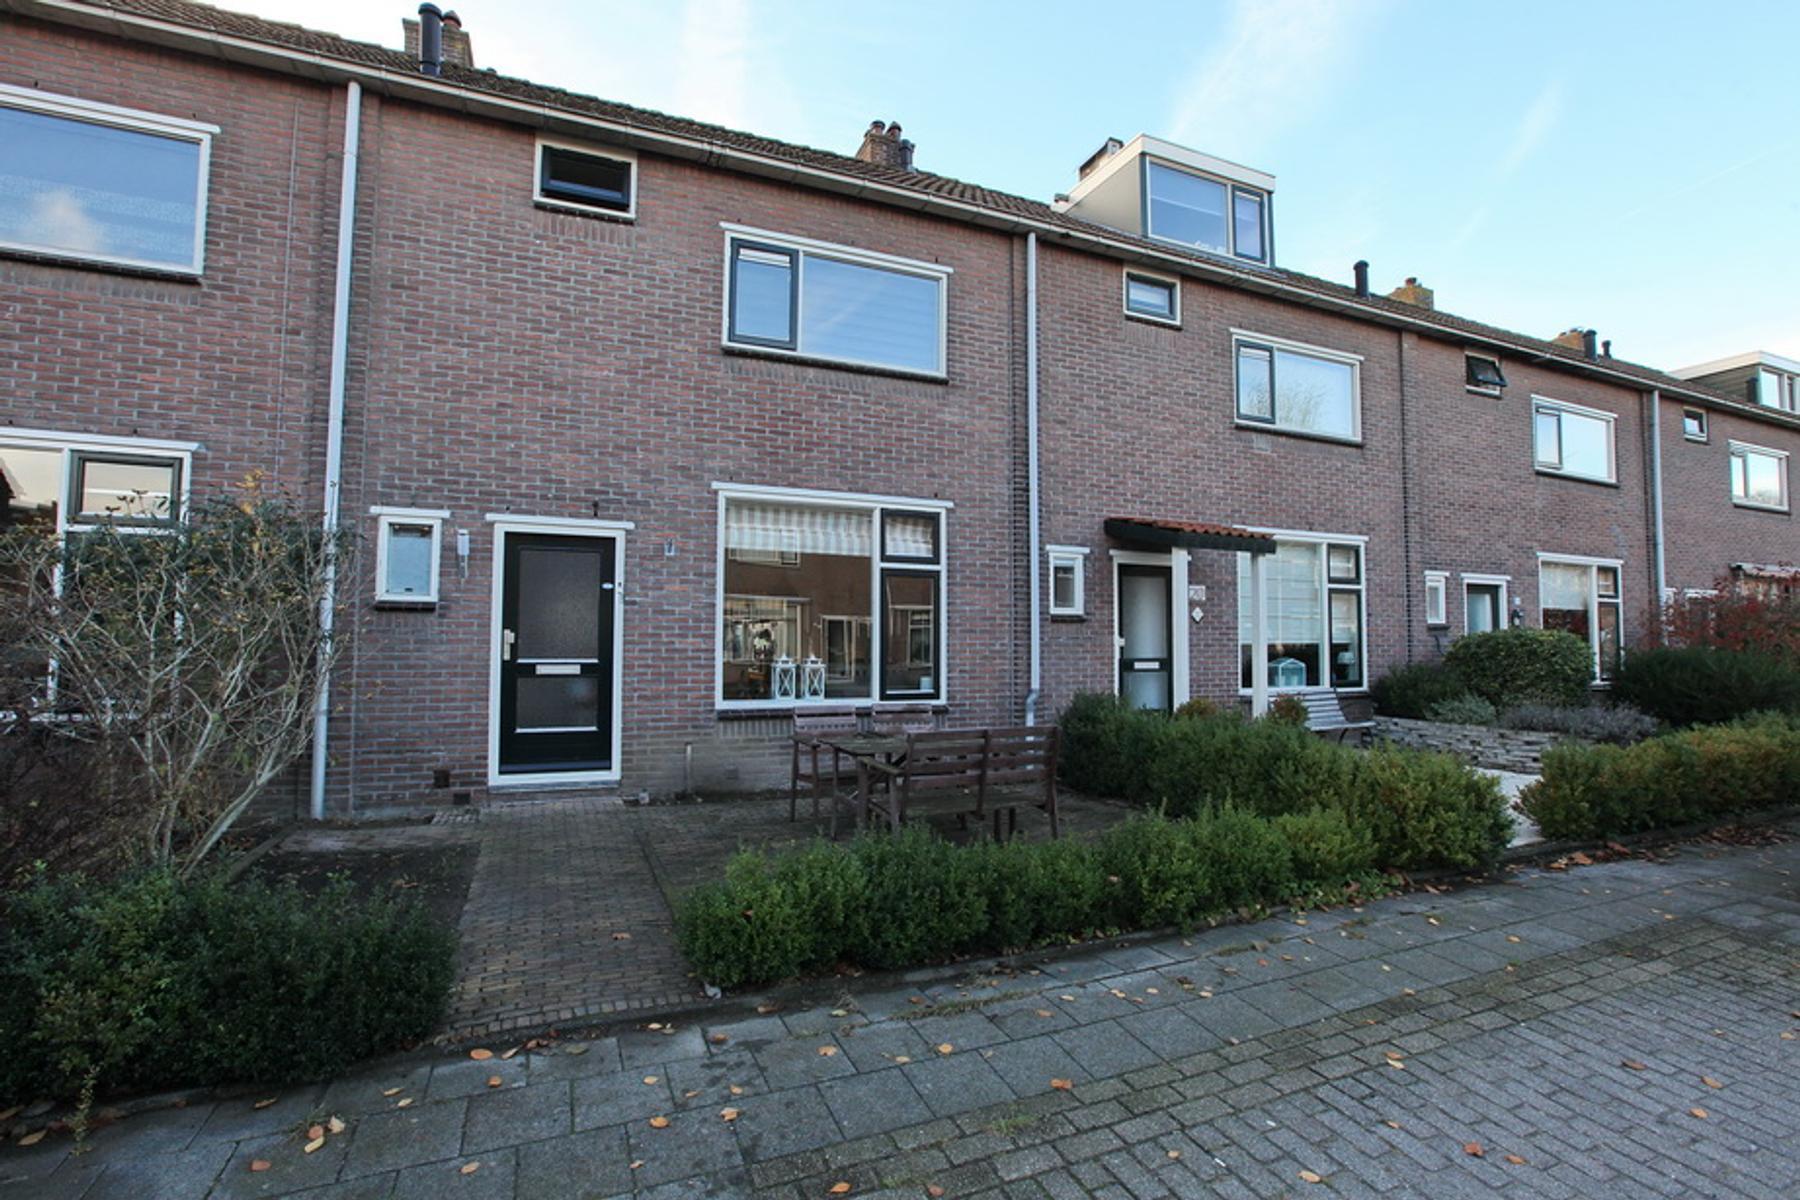 Van der heimstraat 22 in vlaardingen 3135 nl: woonhuis. heintz